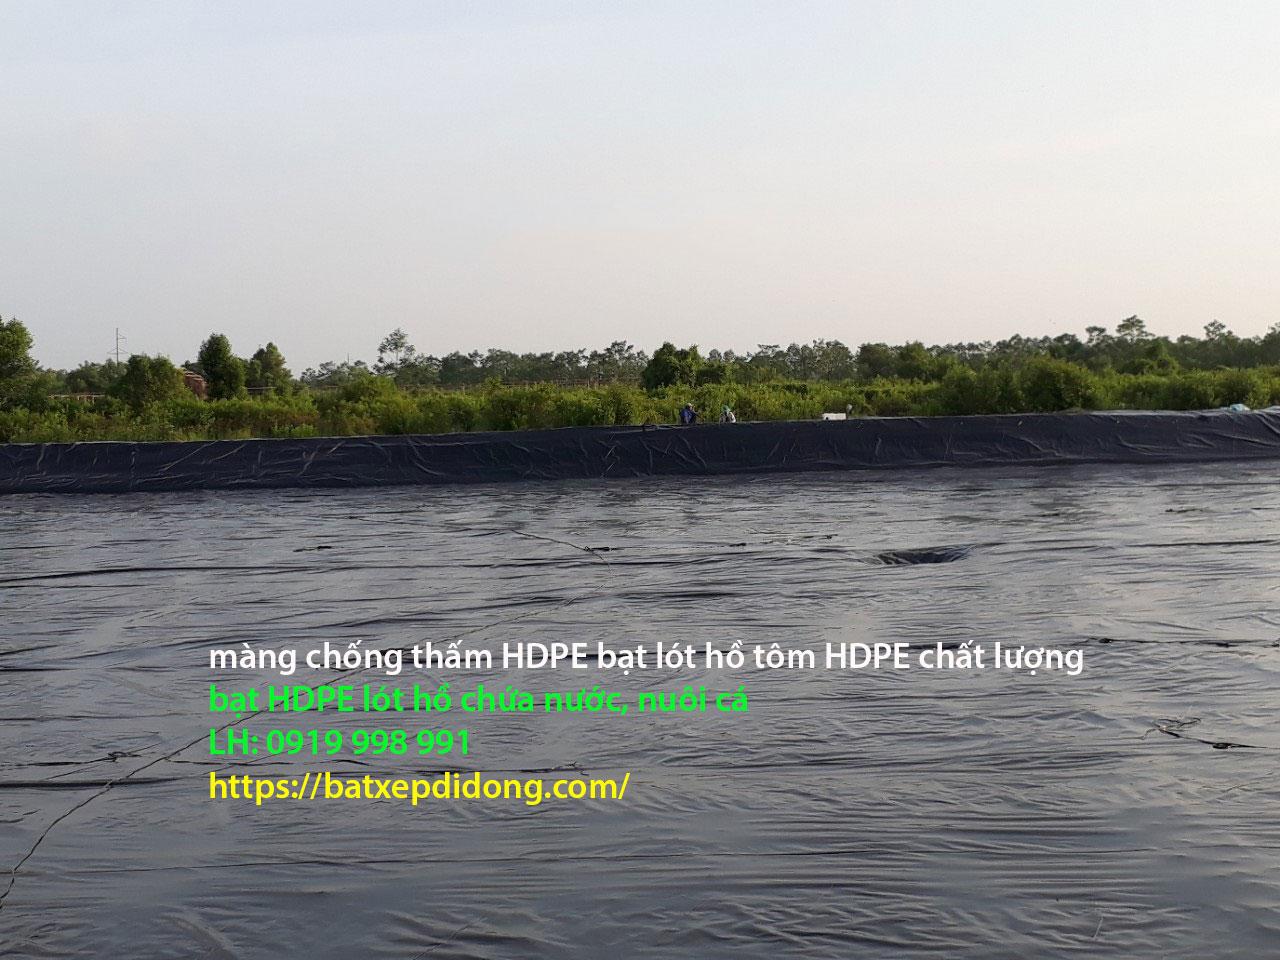 Bạt Lót Hồ Cá TPHCM - Màng Chống Thấm HDPE Lót Ao Hồ Chứa Nước - Màng Nhựa HDPE Lót Bờ Ao